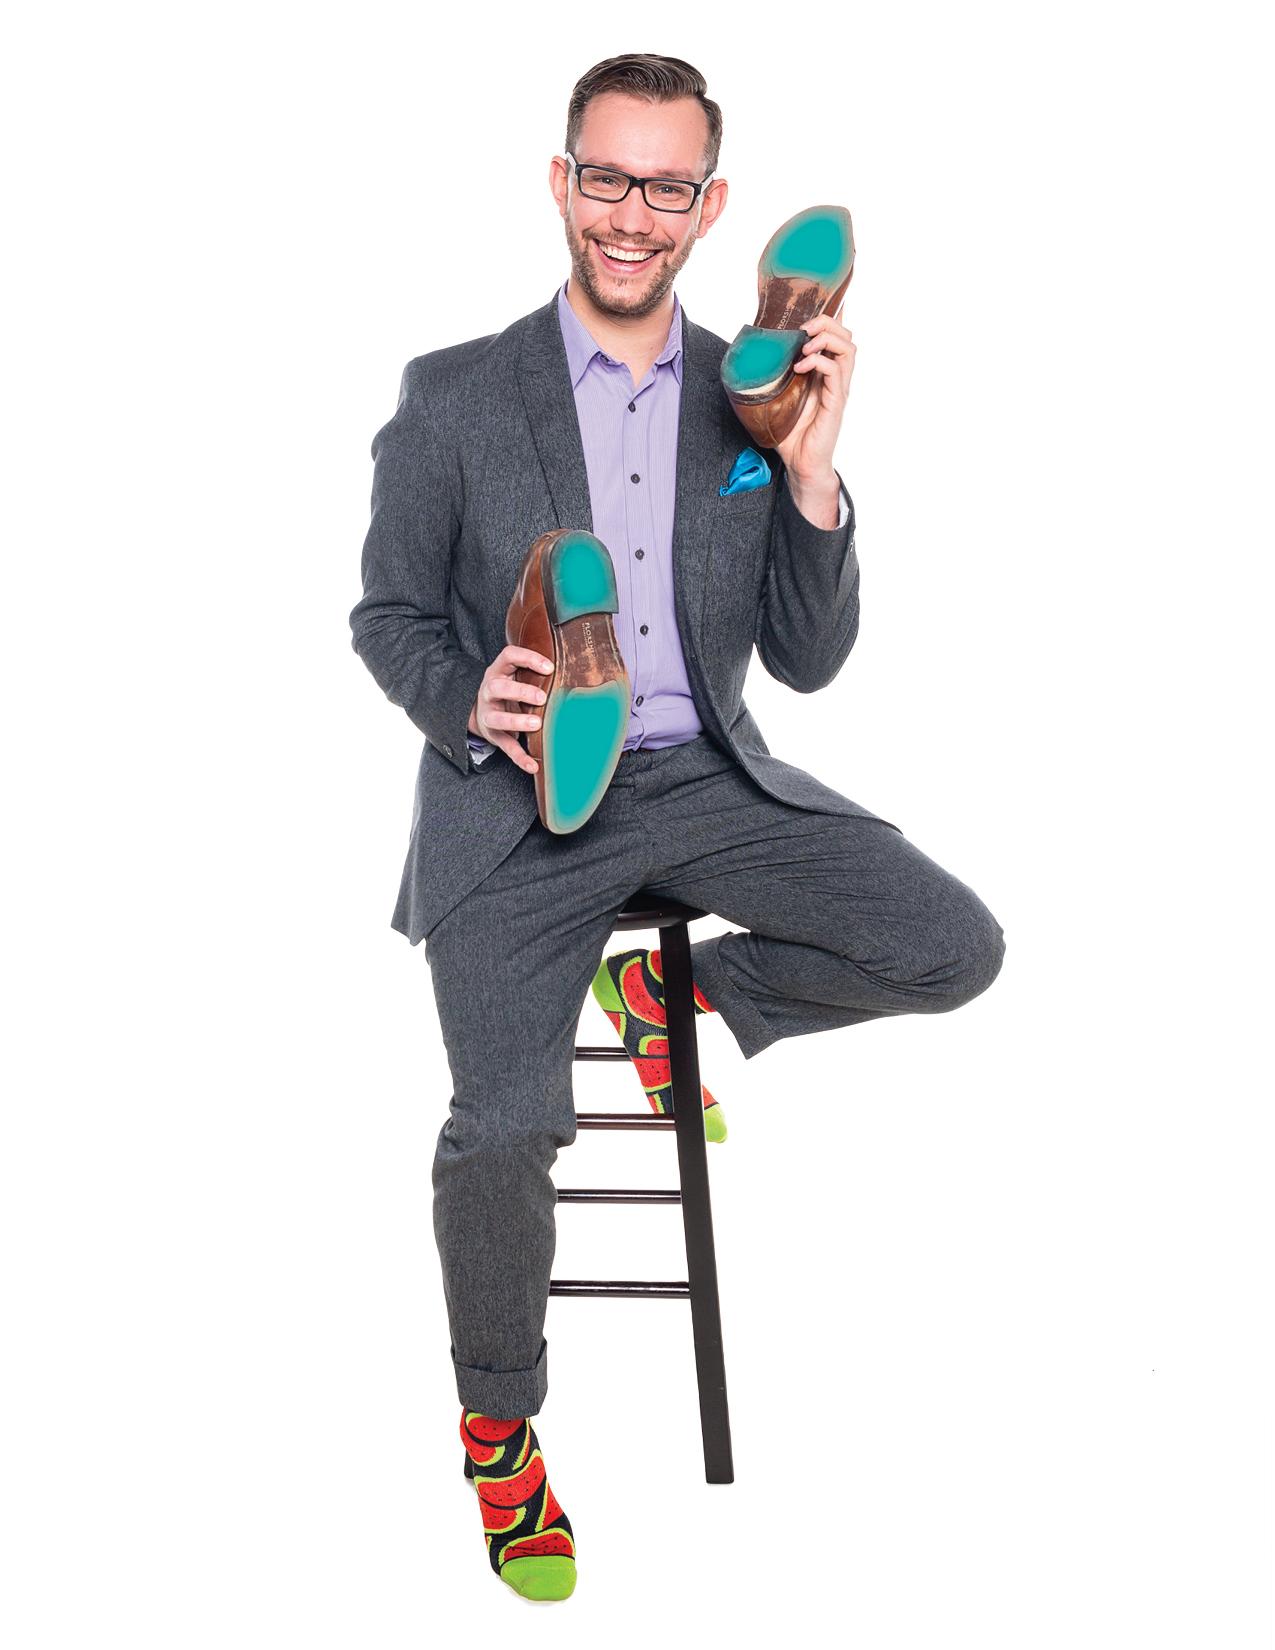 Sean Penhale showing his sole